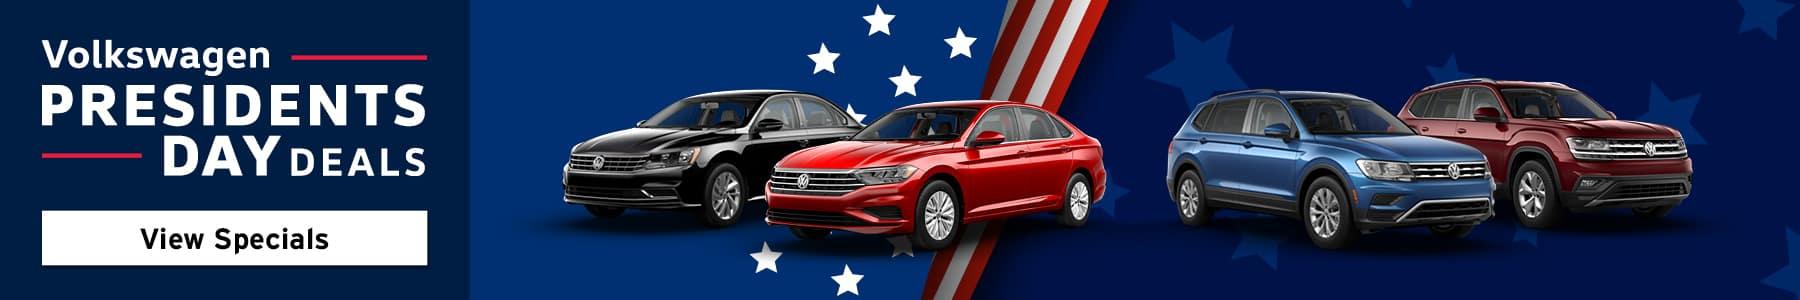 Volkswagen President's Day Deals